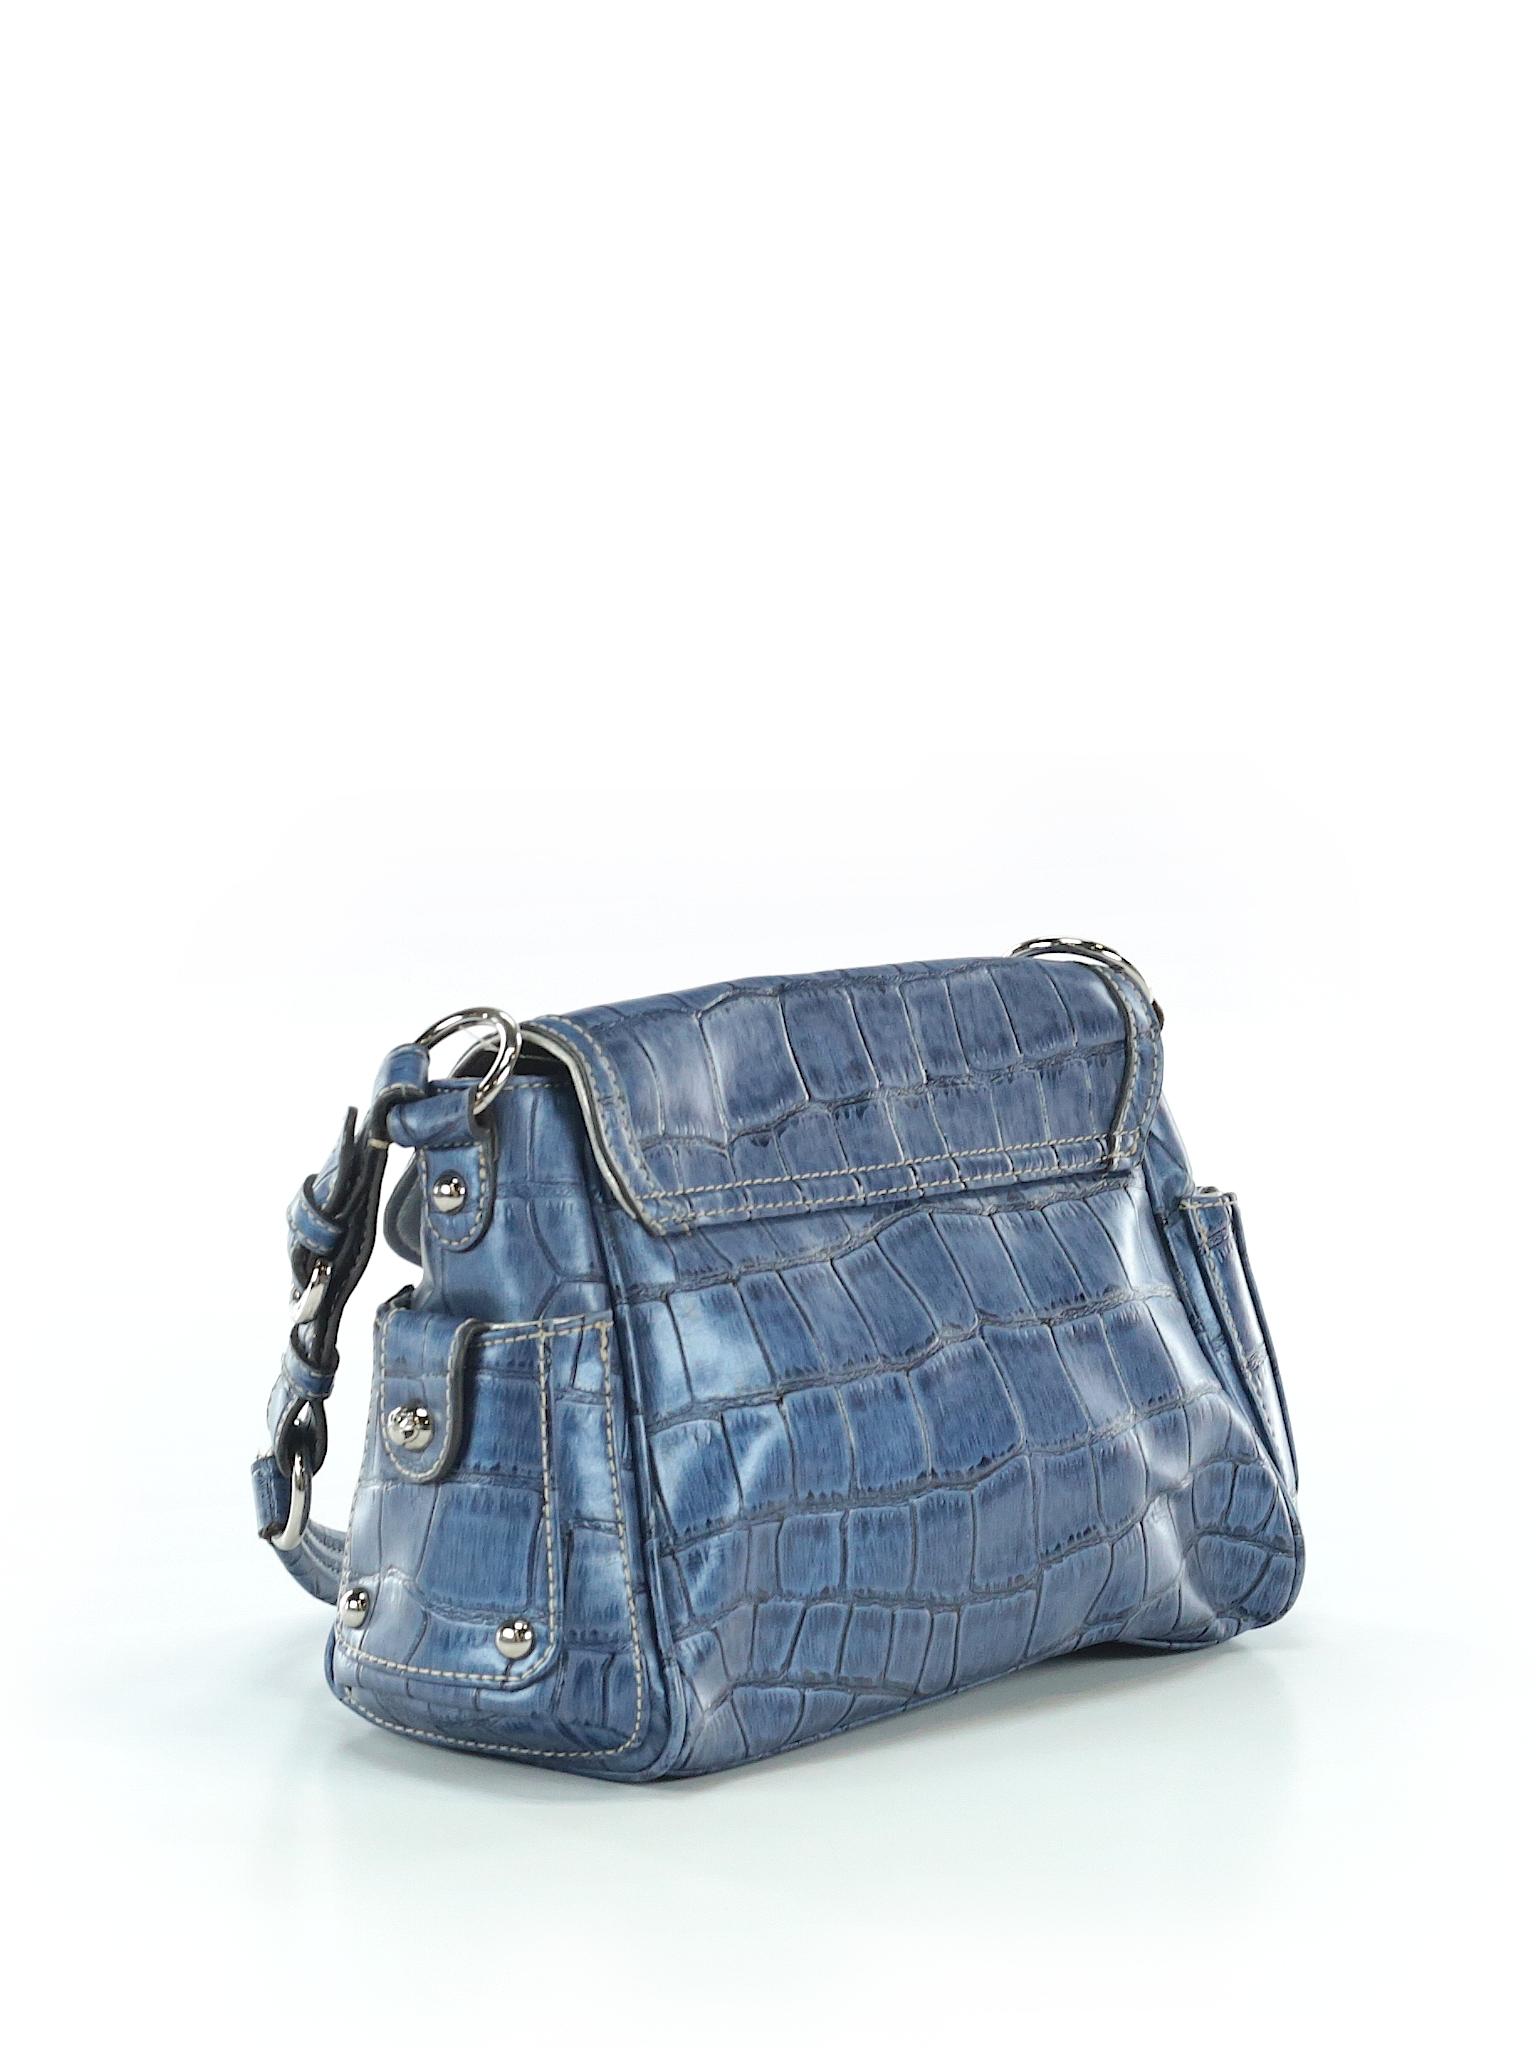 c58471fa223 Kathy Van Zeeland Solid Dark Blue Shoulder Bag One Size - 90% off   thredUP